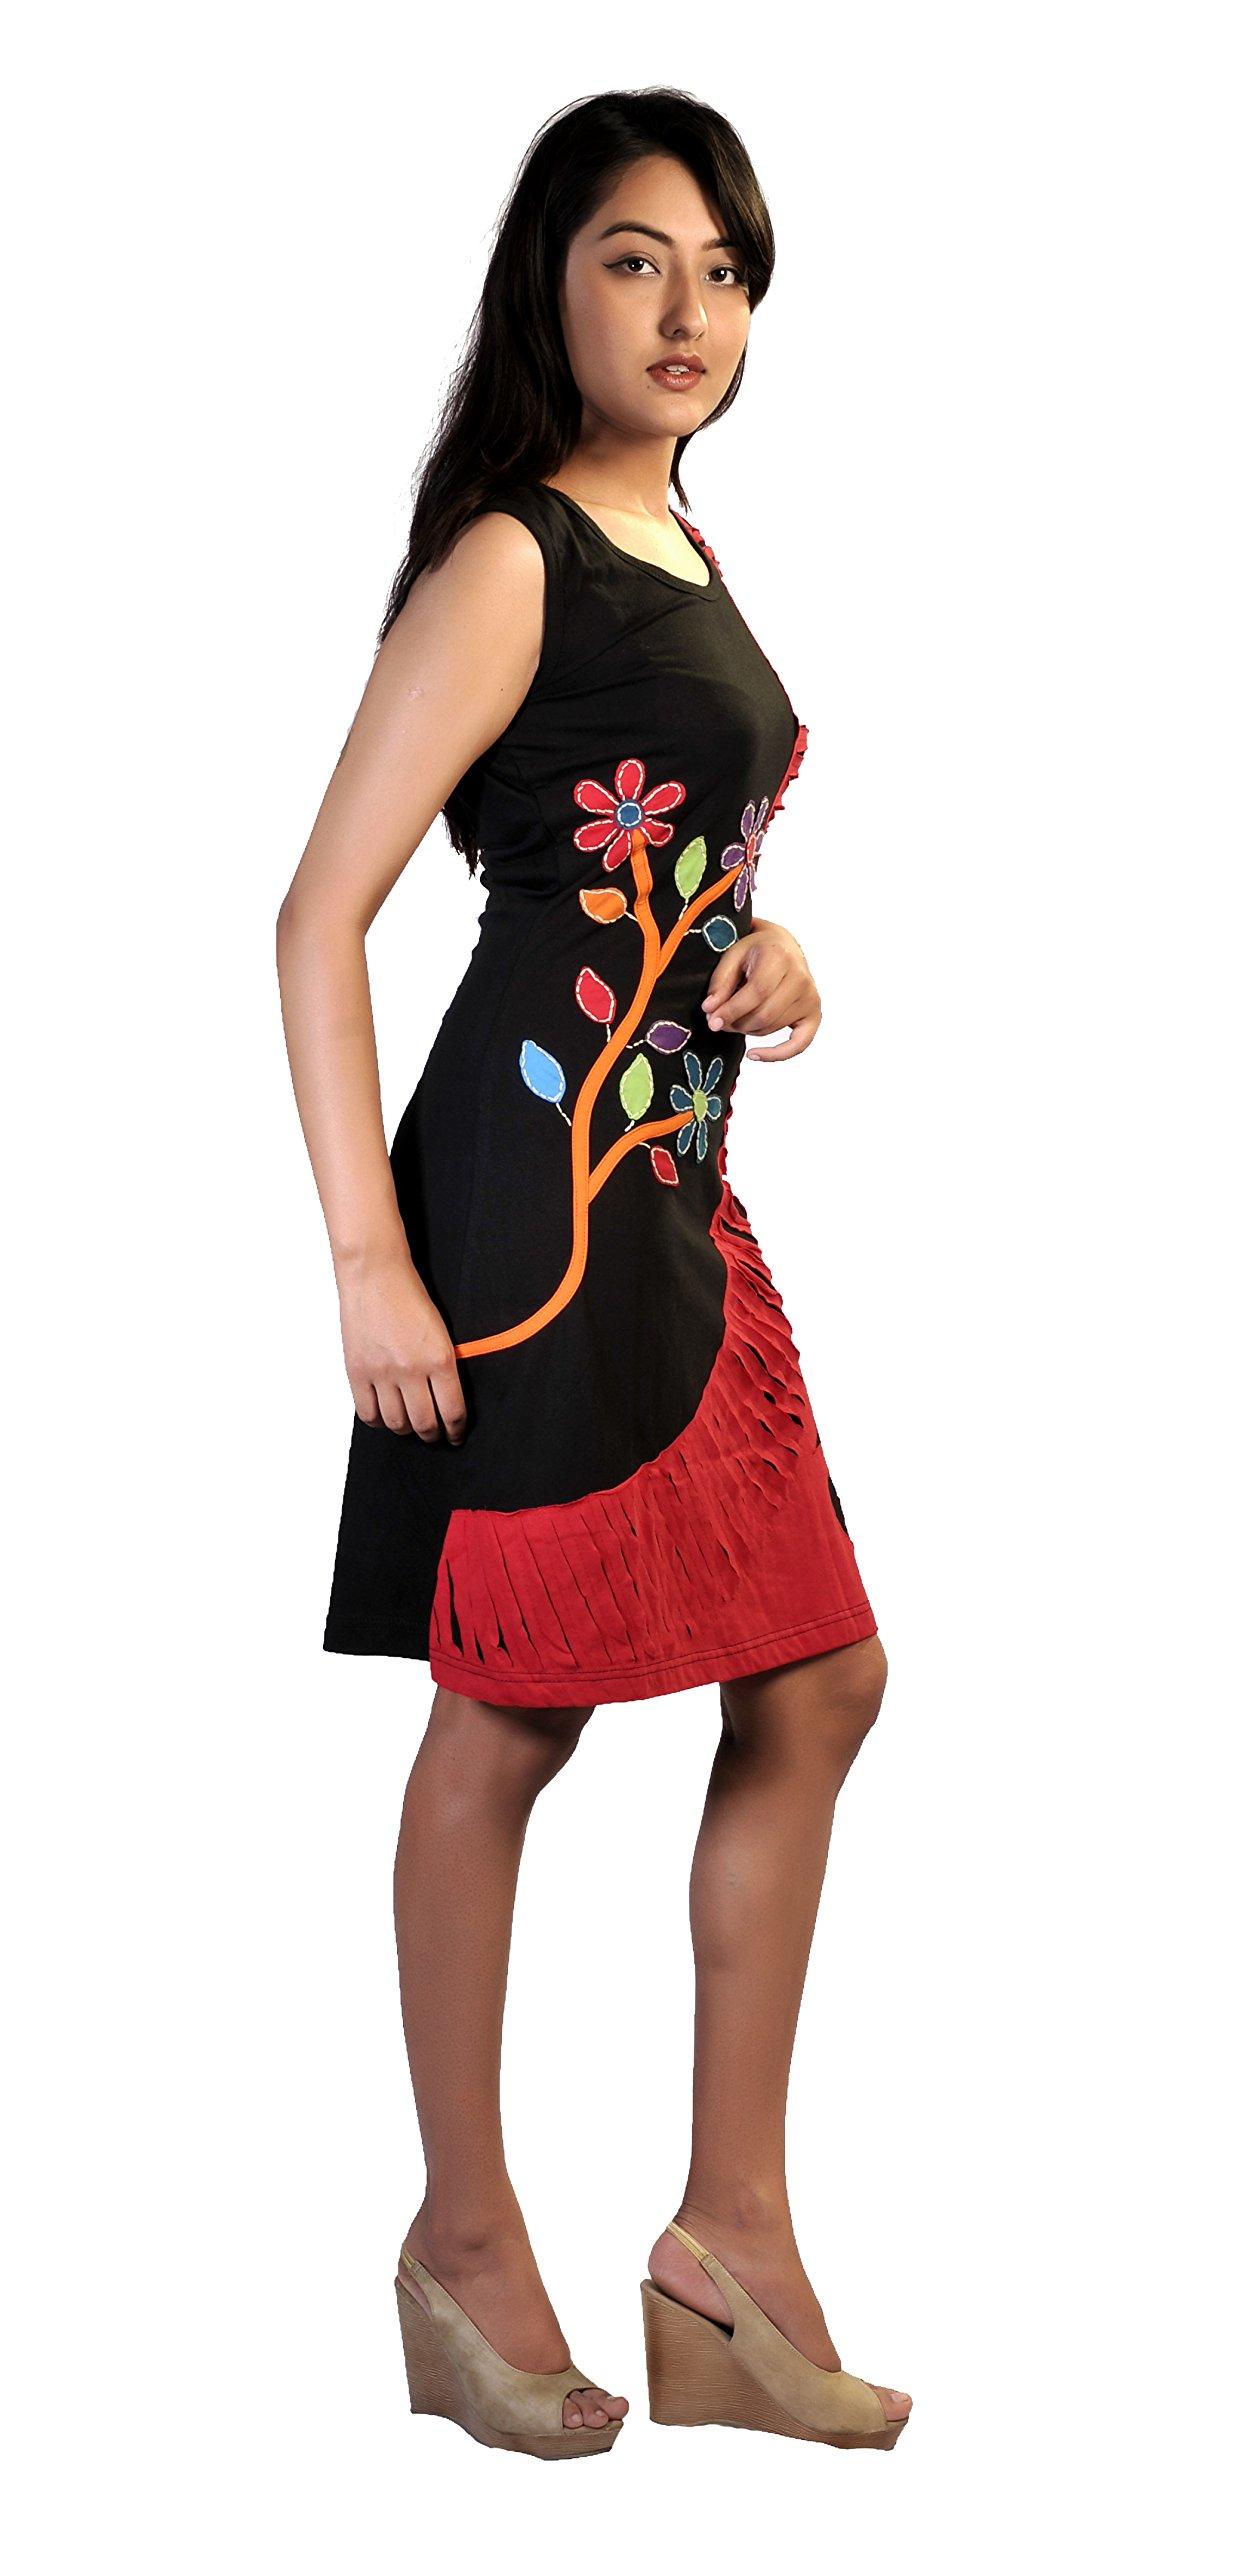 Negro sin mangas y vestido de rojo con estampados de flores de colores y bordado